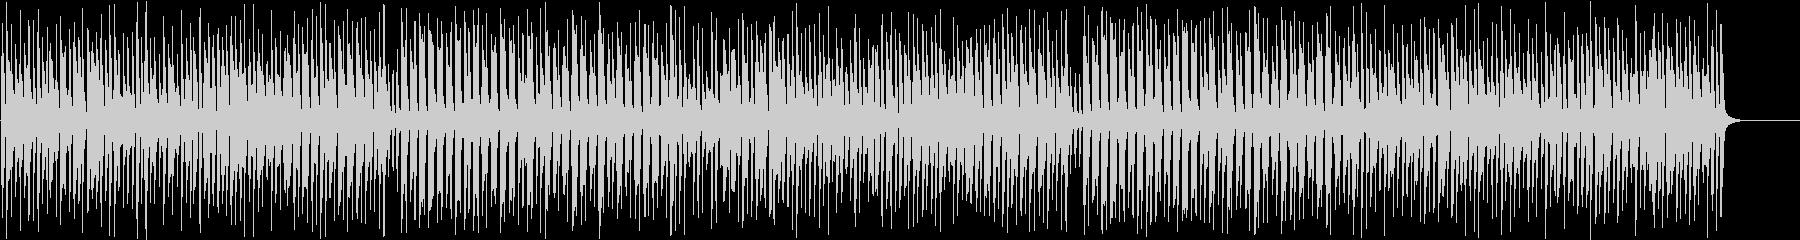 ハイホーを陽気なジプシージャズにの未再生の波形